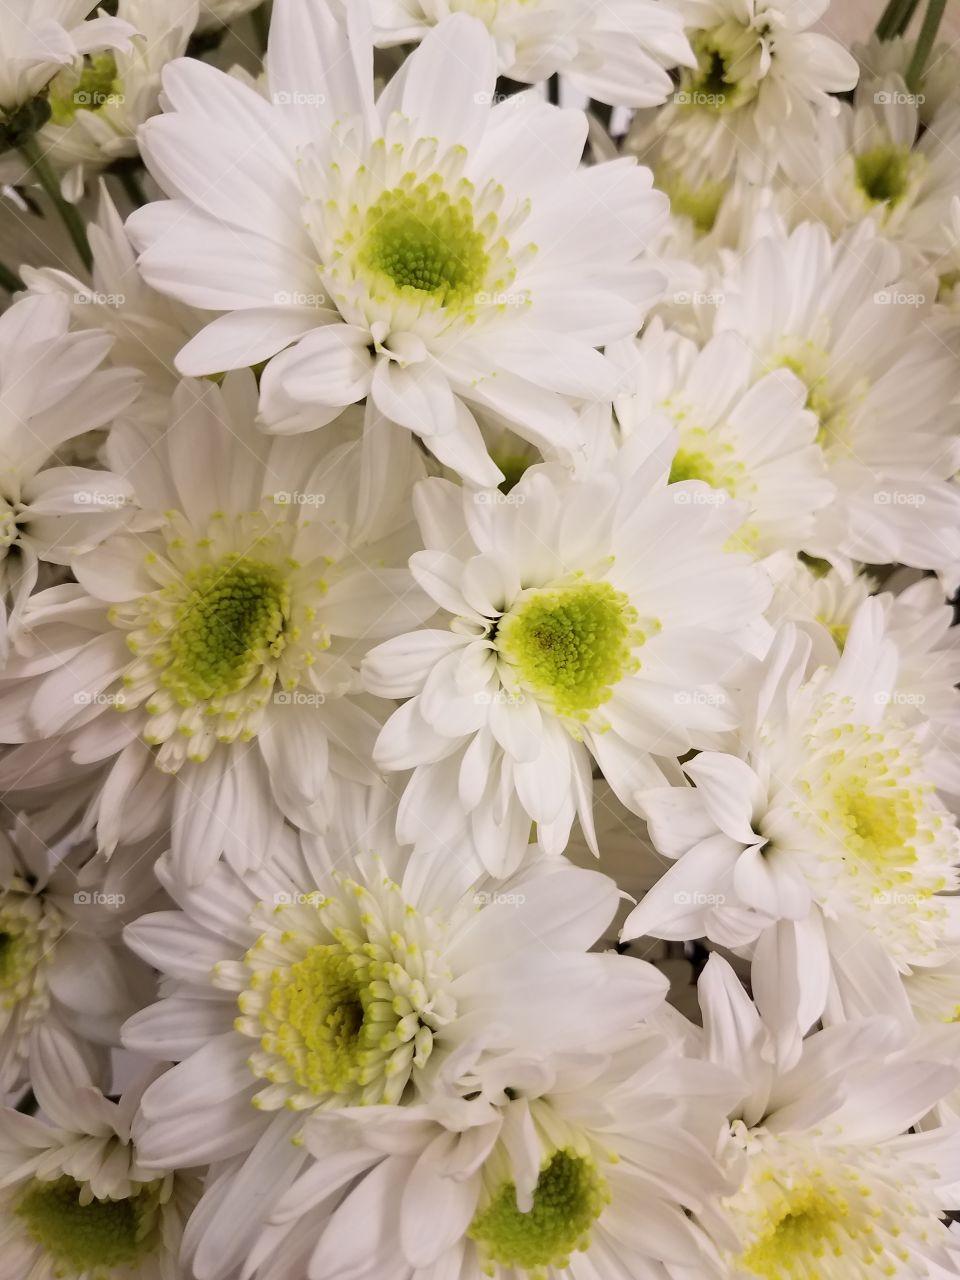 Full frame of white flowers